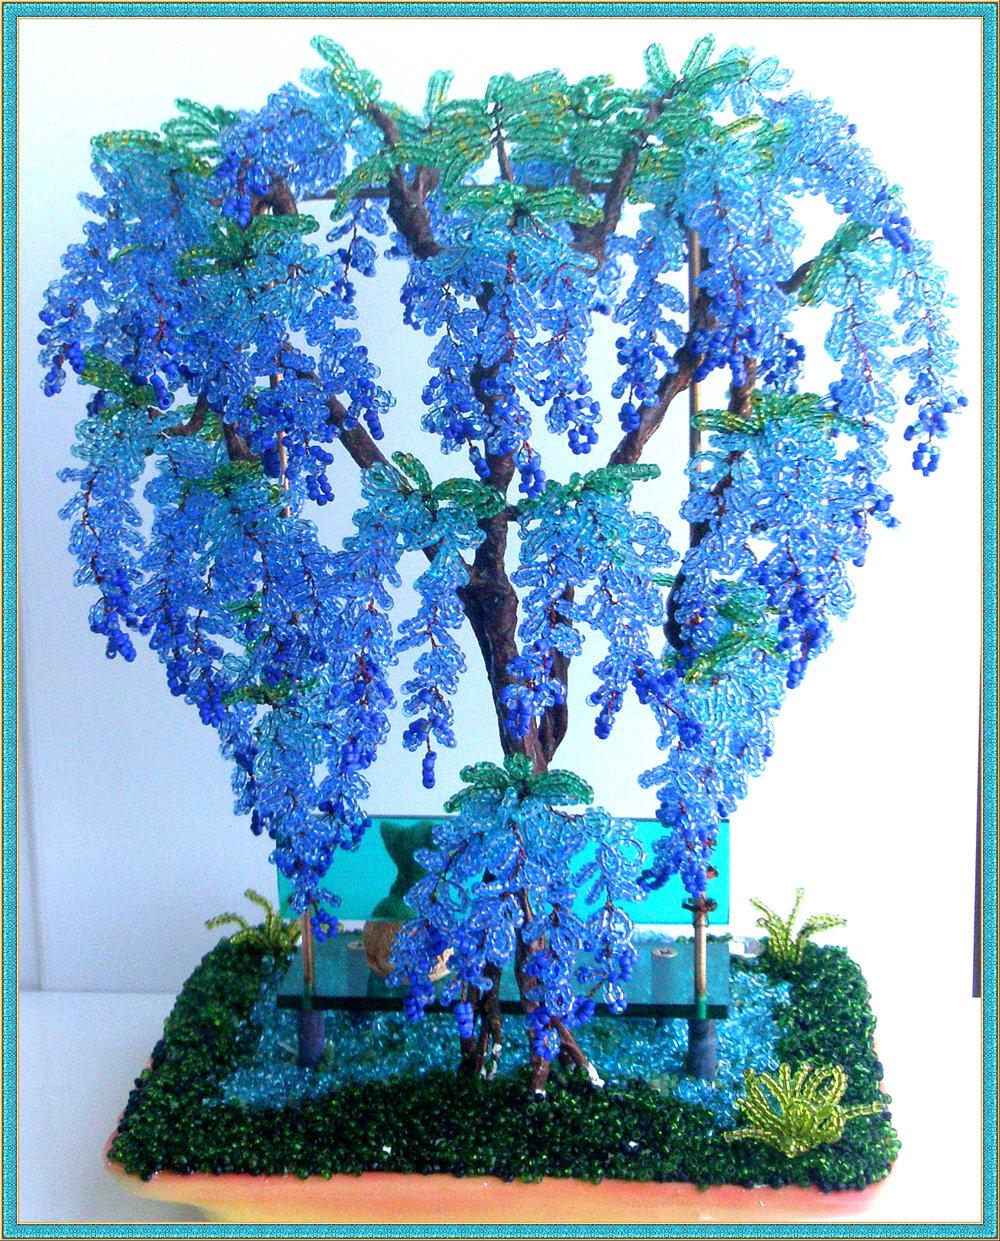 ива из бисера в голубом цвете фото относится семейству